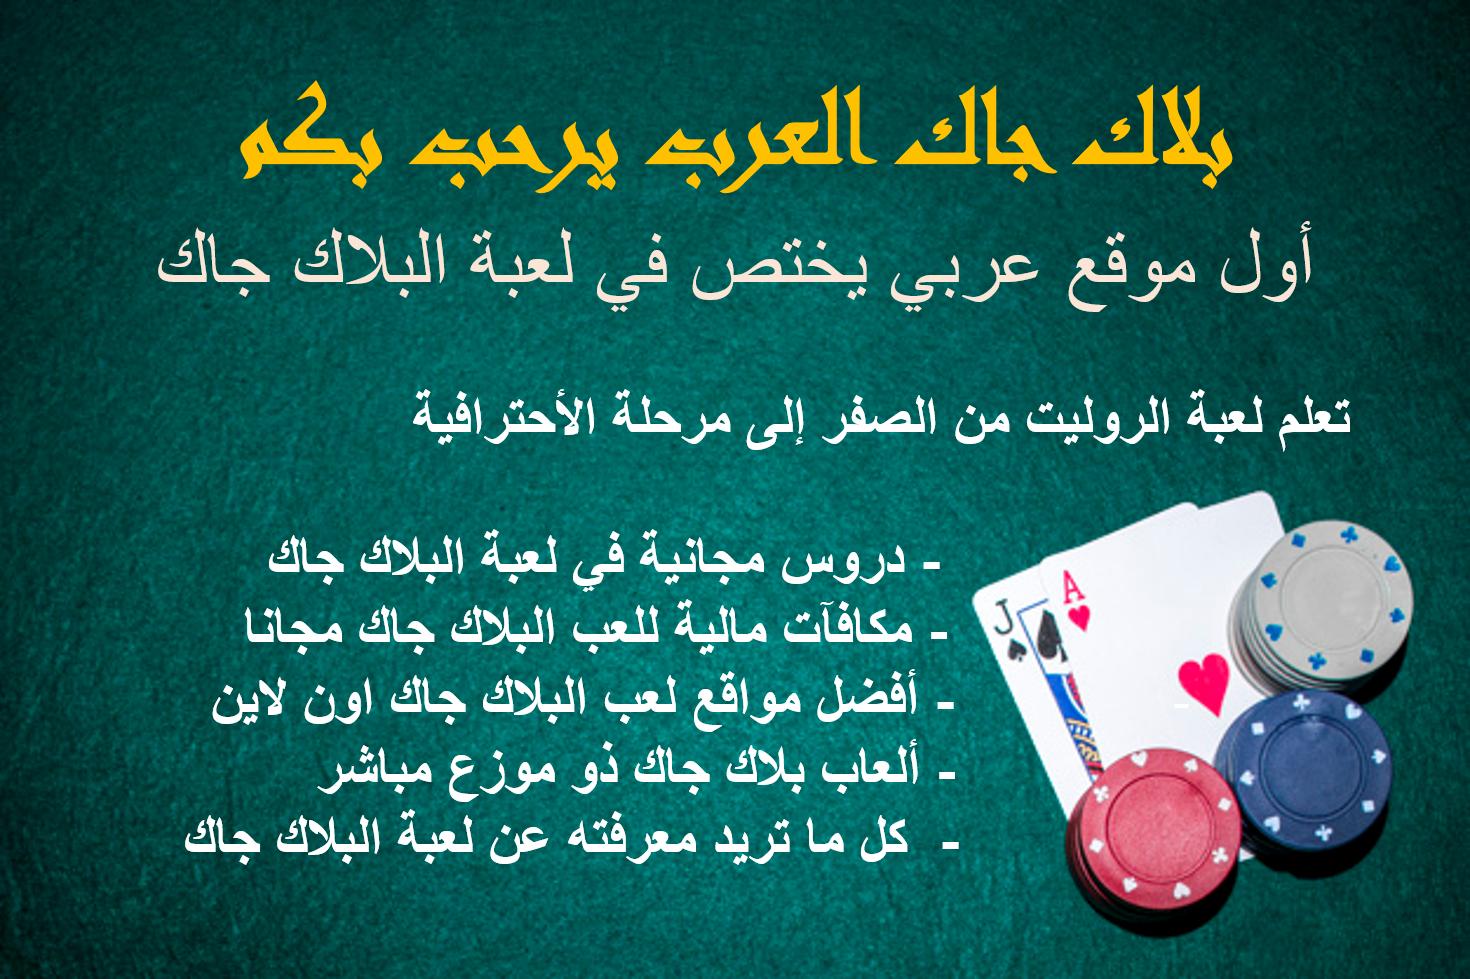 كازينو العاب العرب 887484